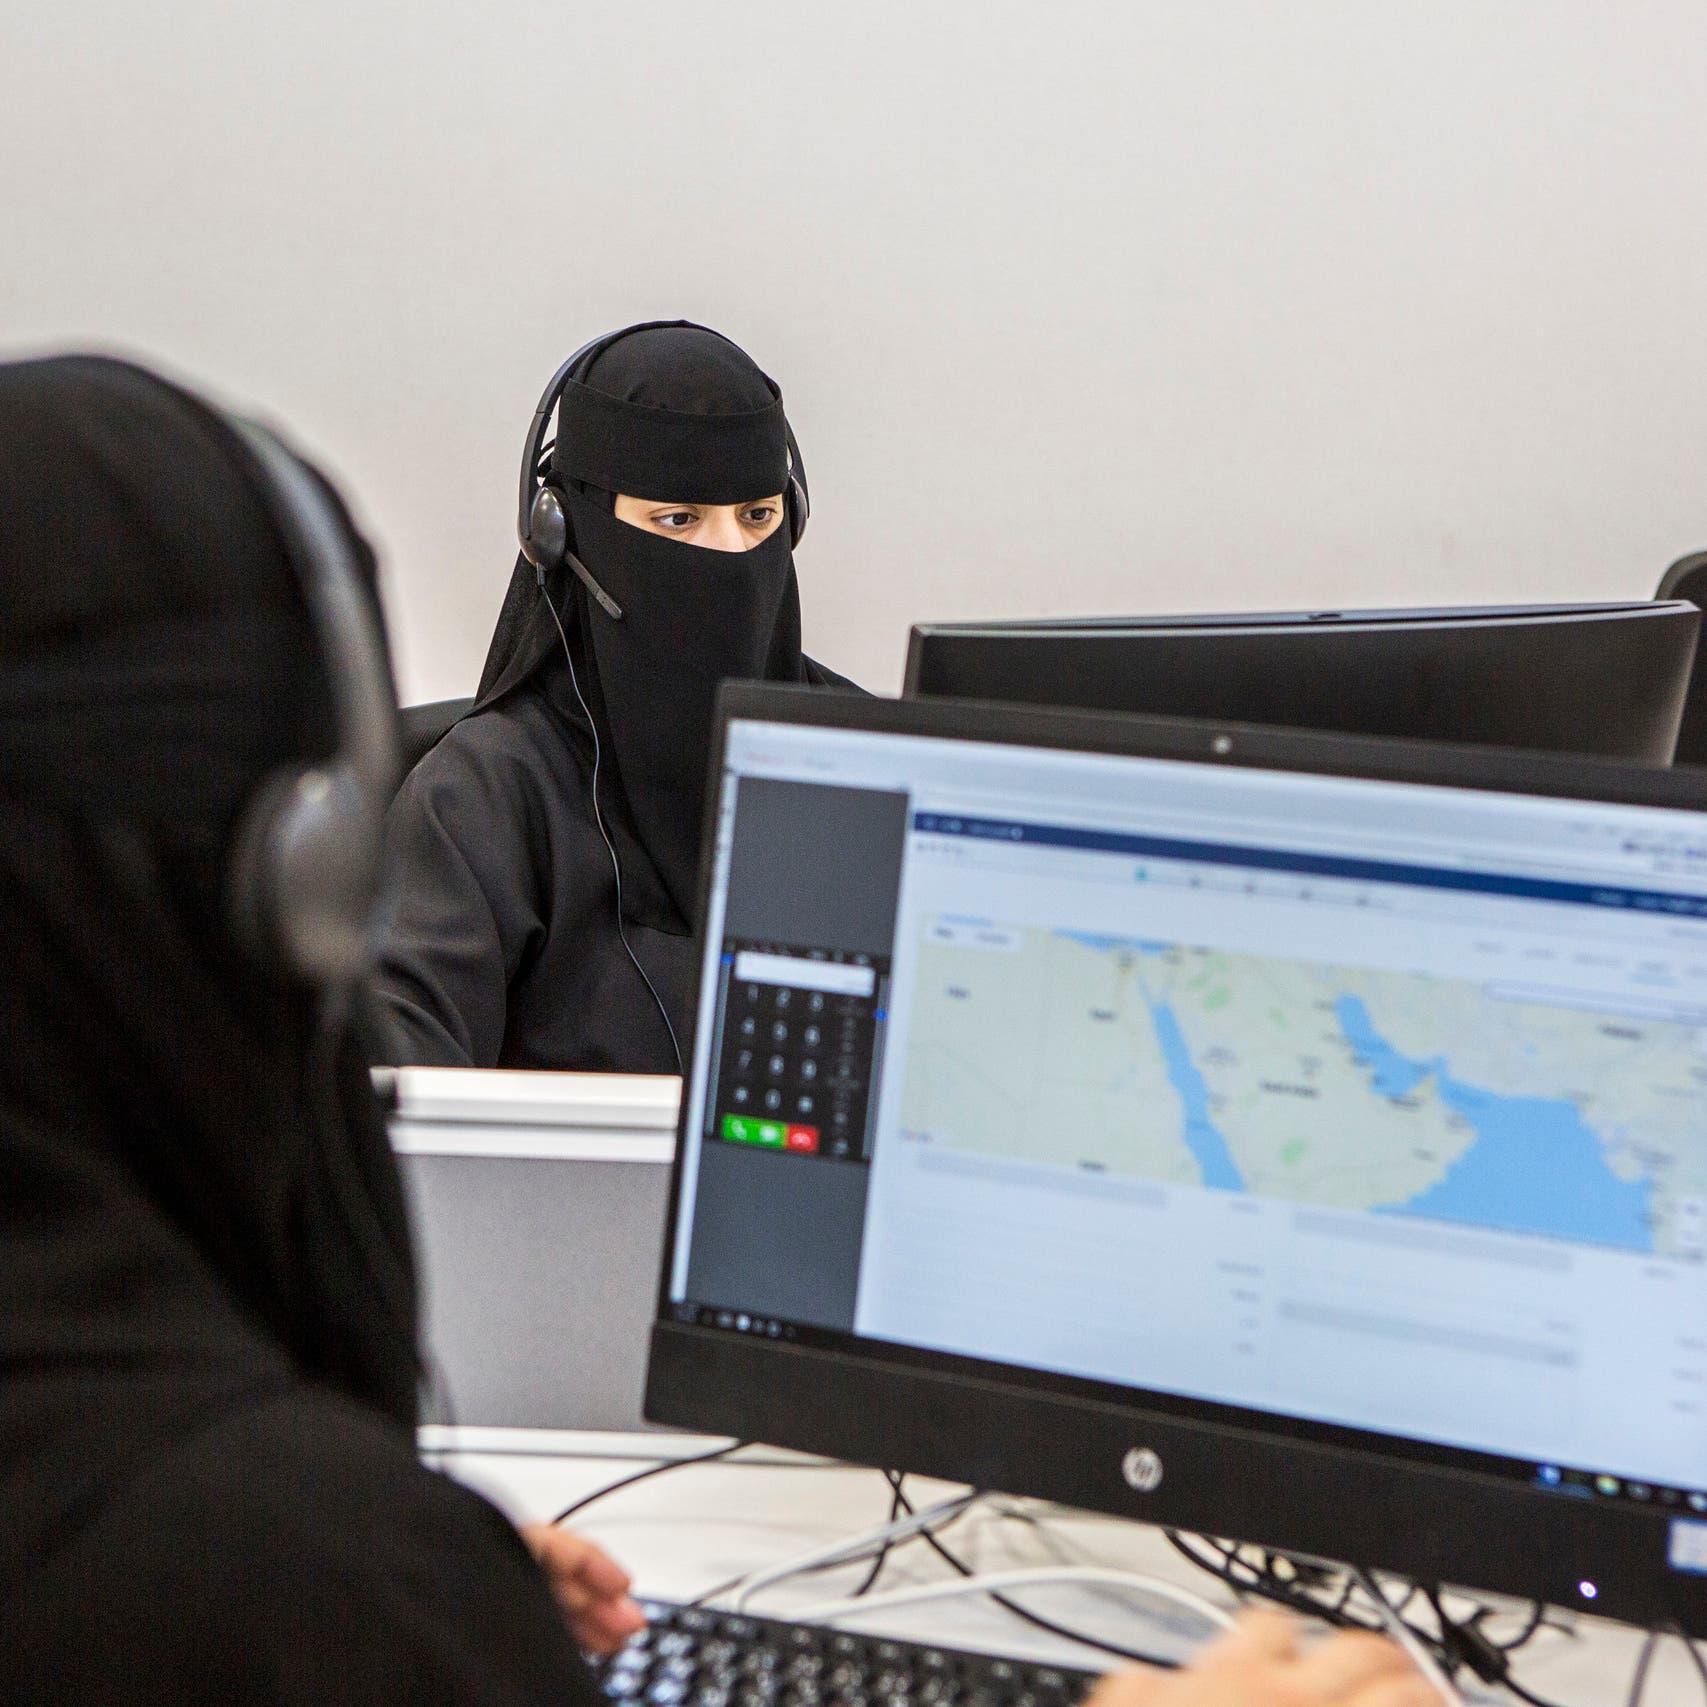 البنك الدولي للعربية: زيادة 60% بعدد الشركات المملوكة لنساء في السعودية